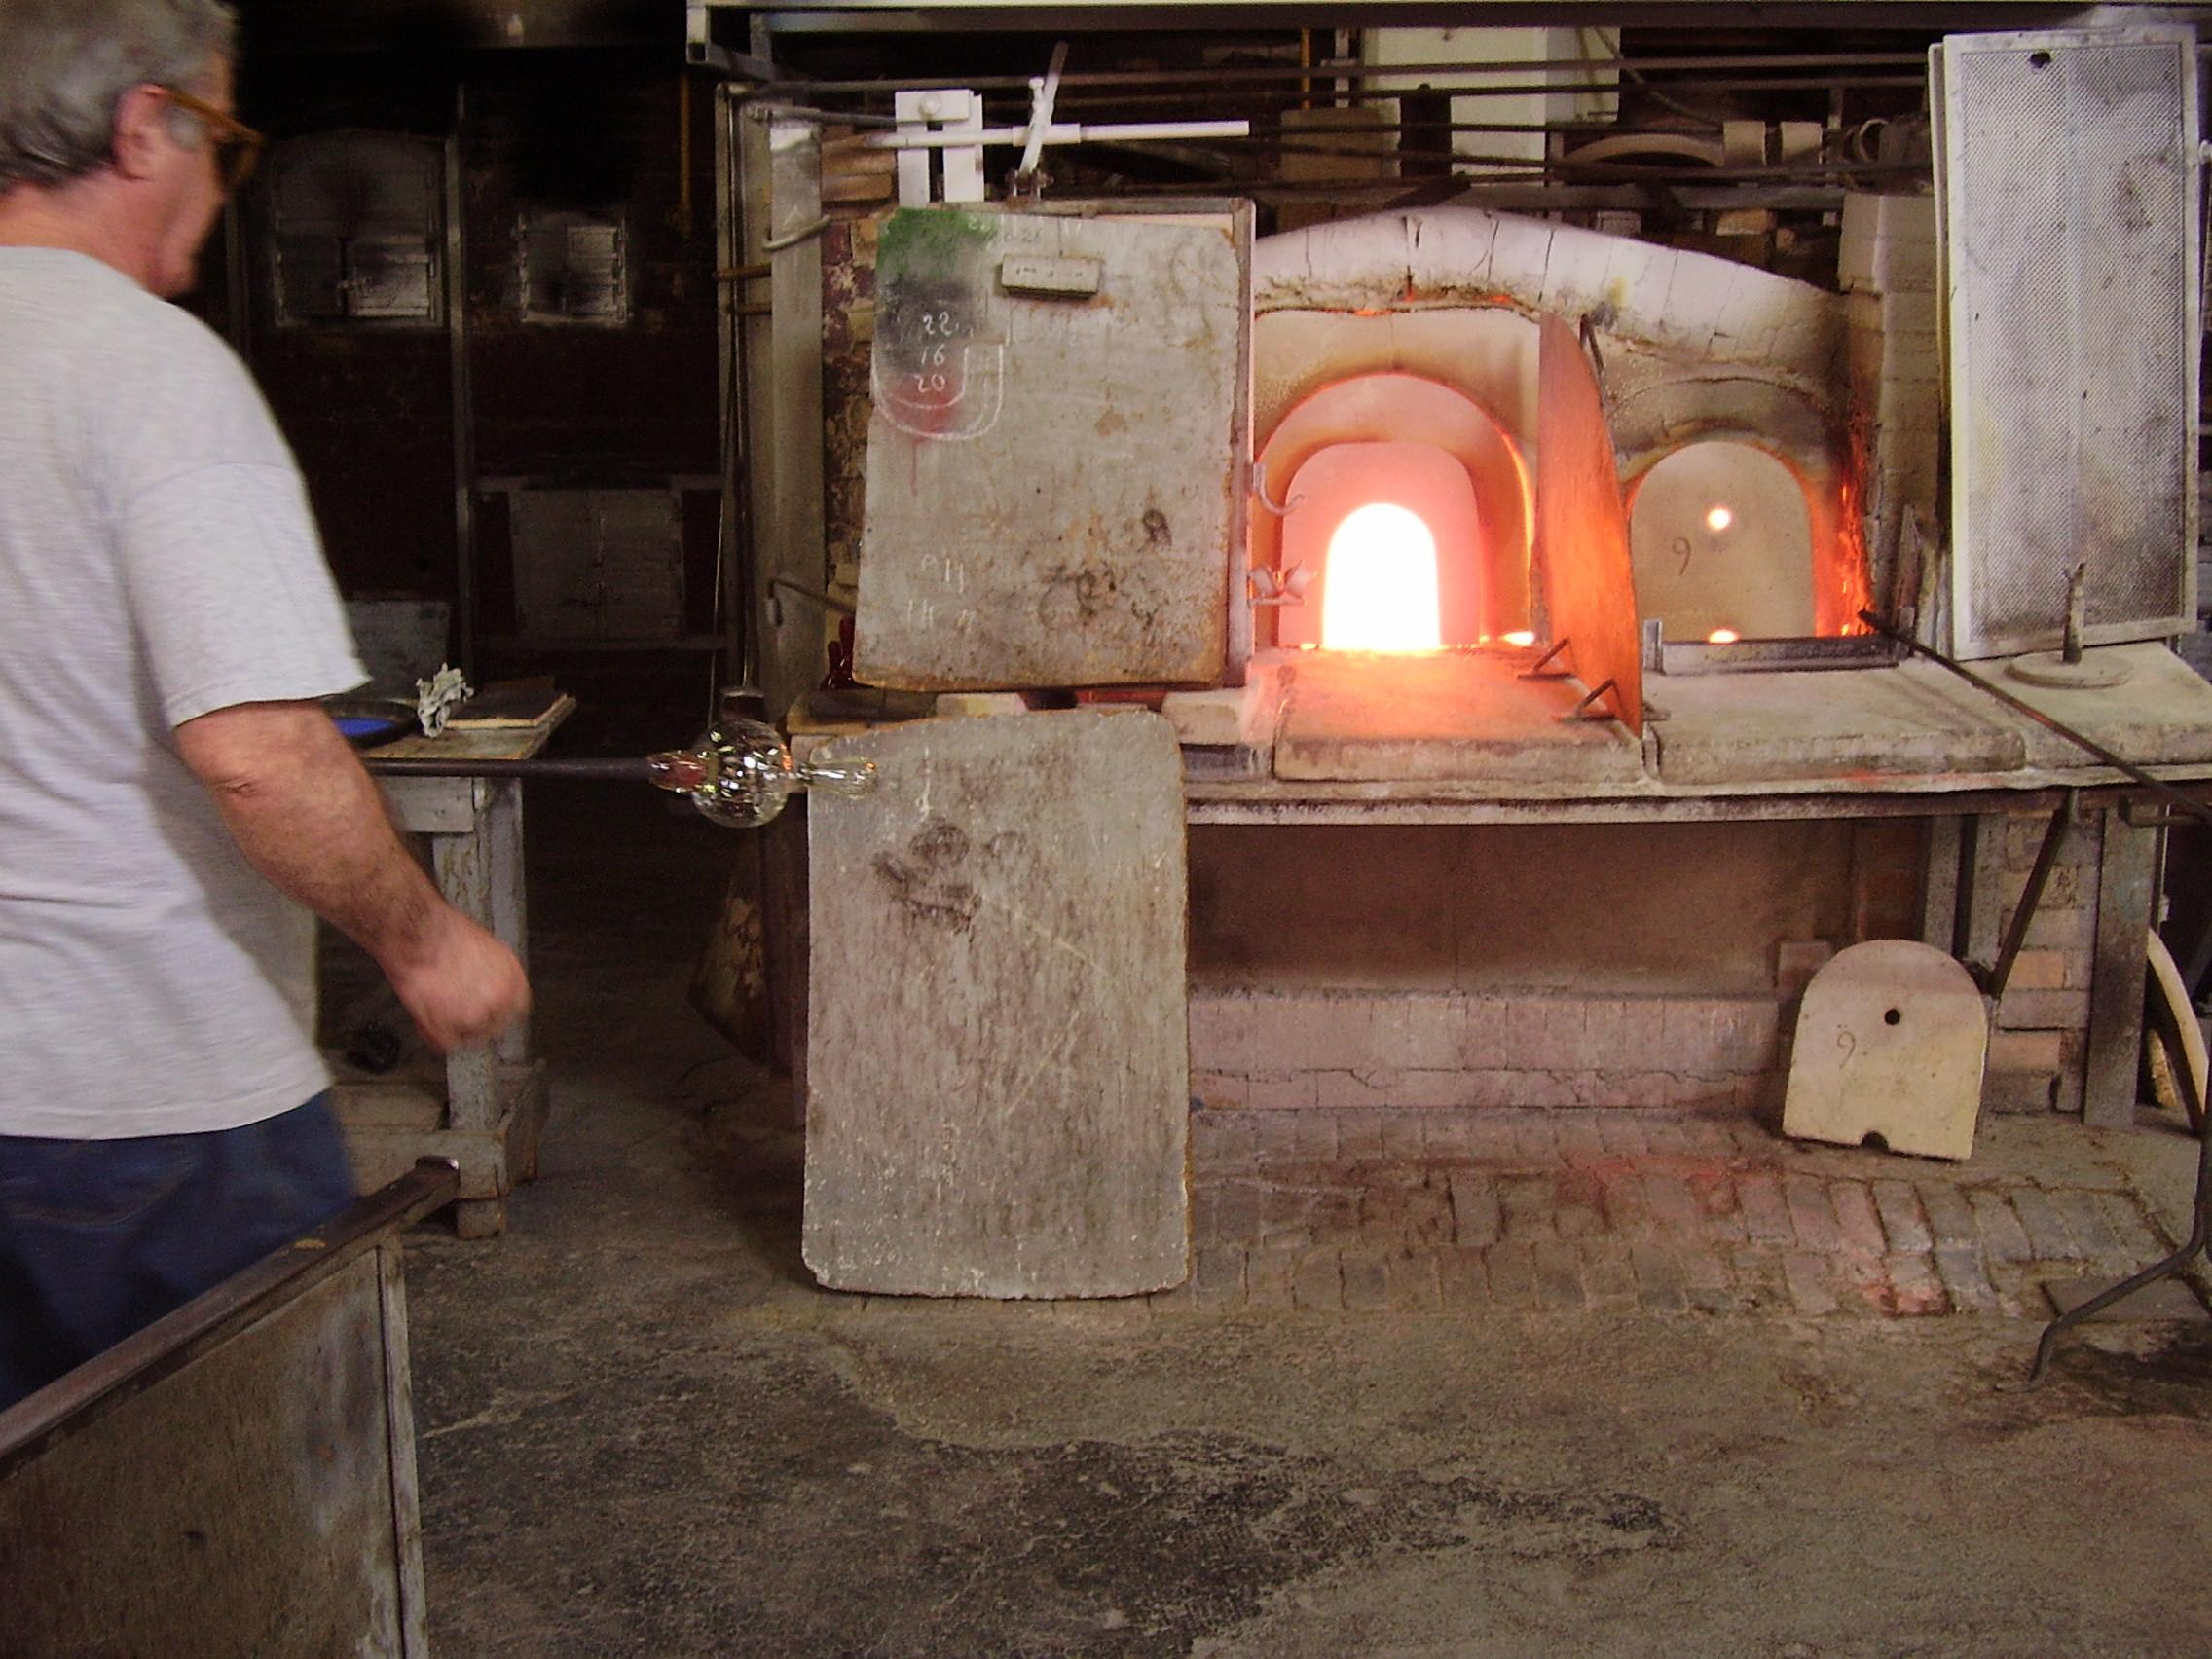 Murano - création artisanale du début à la fin - Excursion en Italie